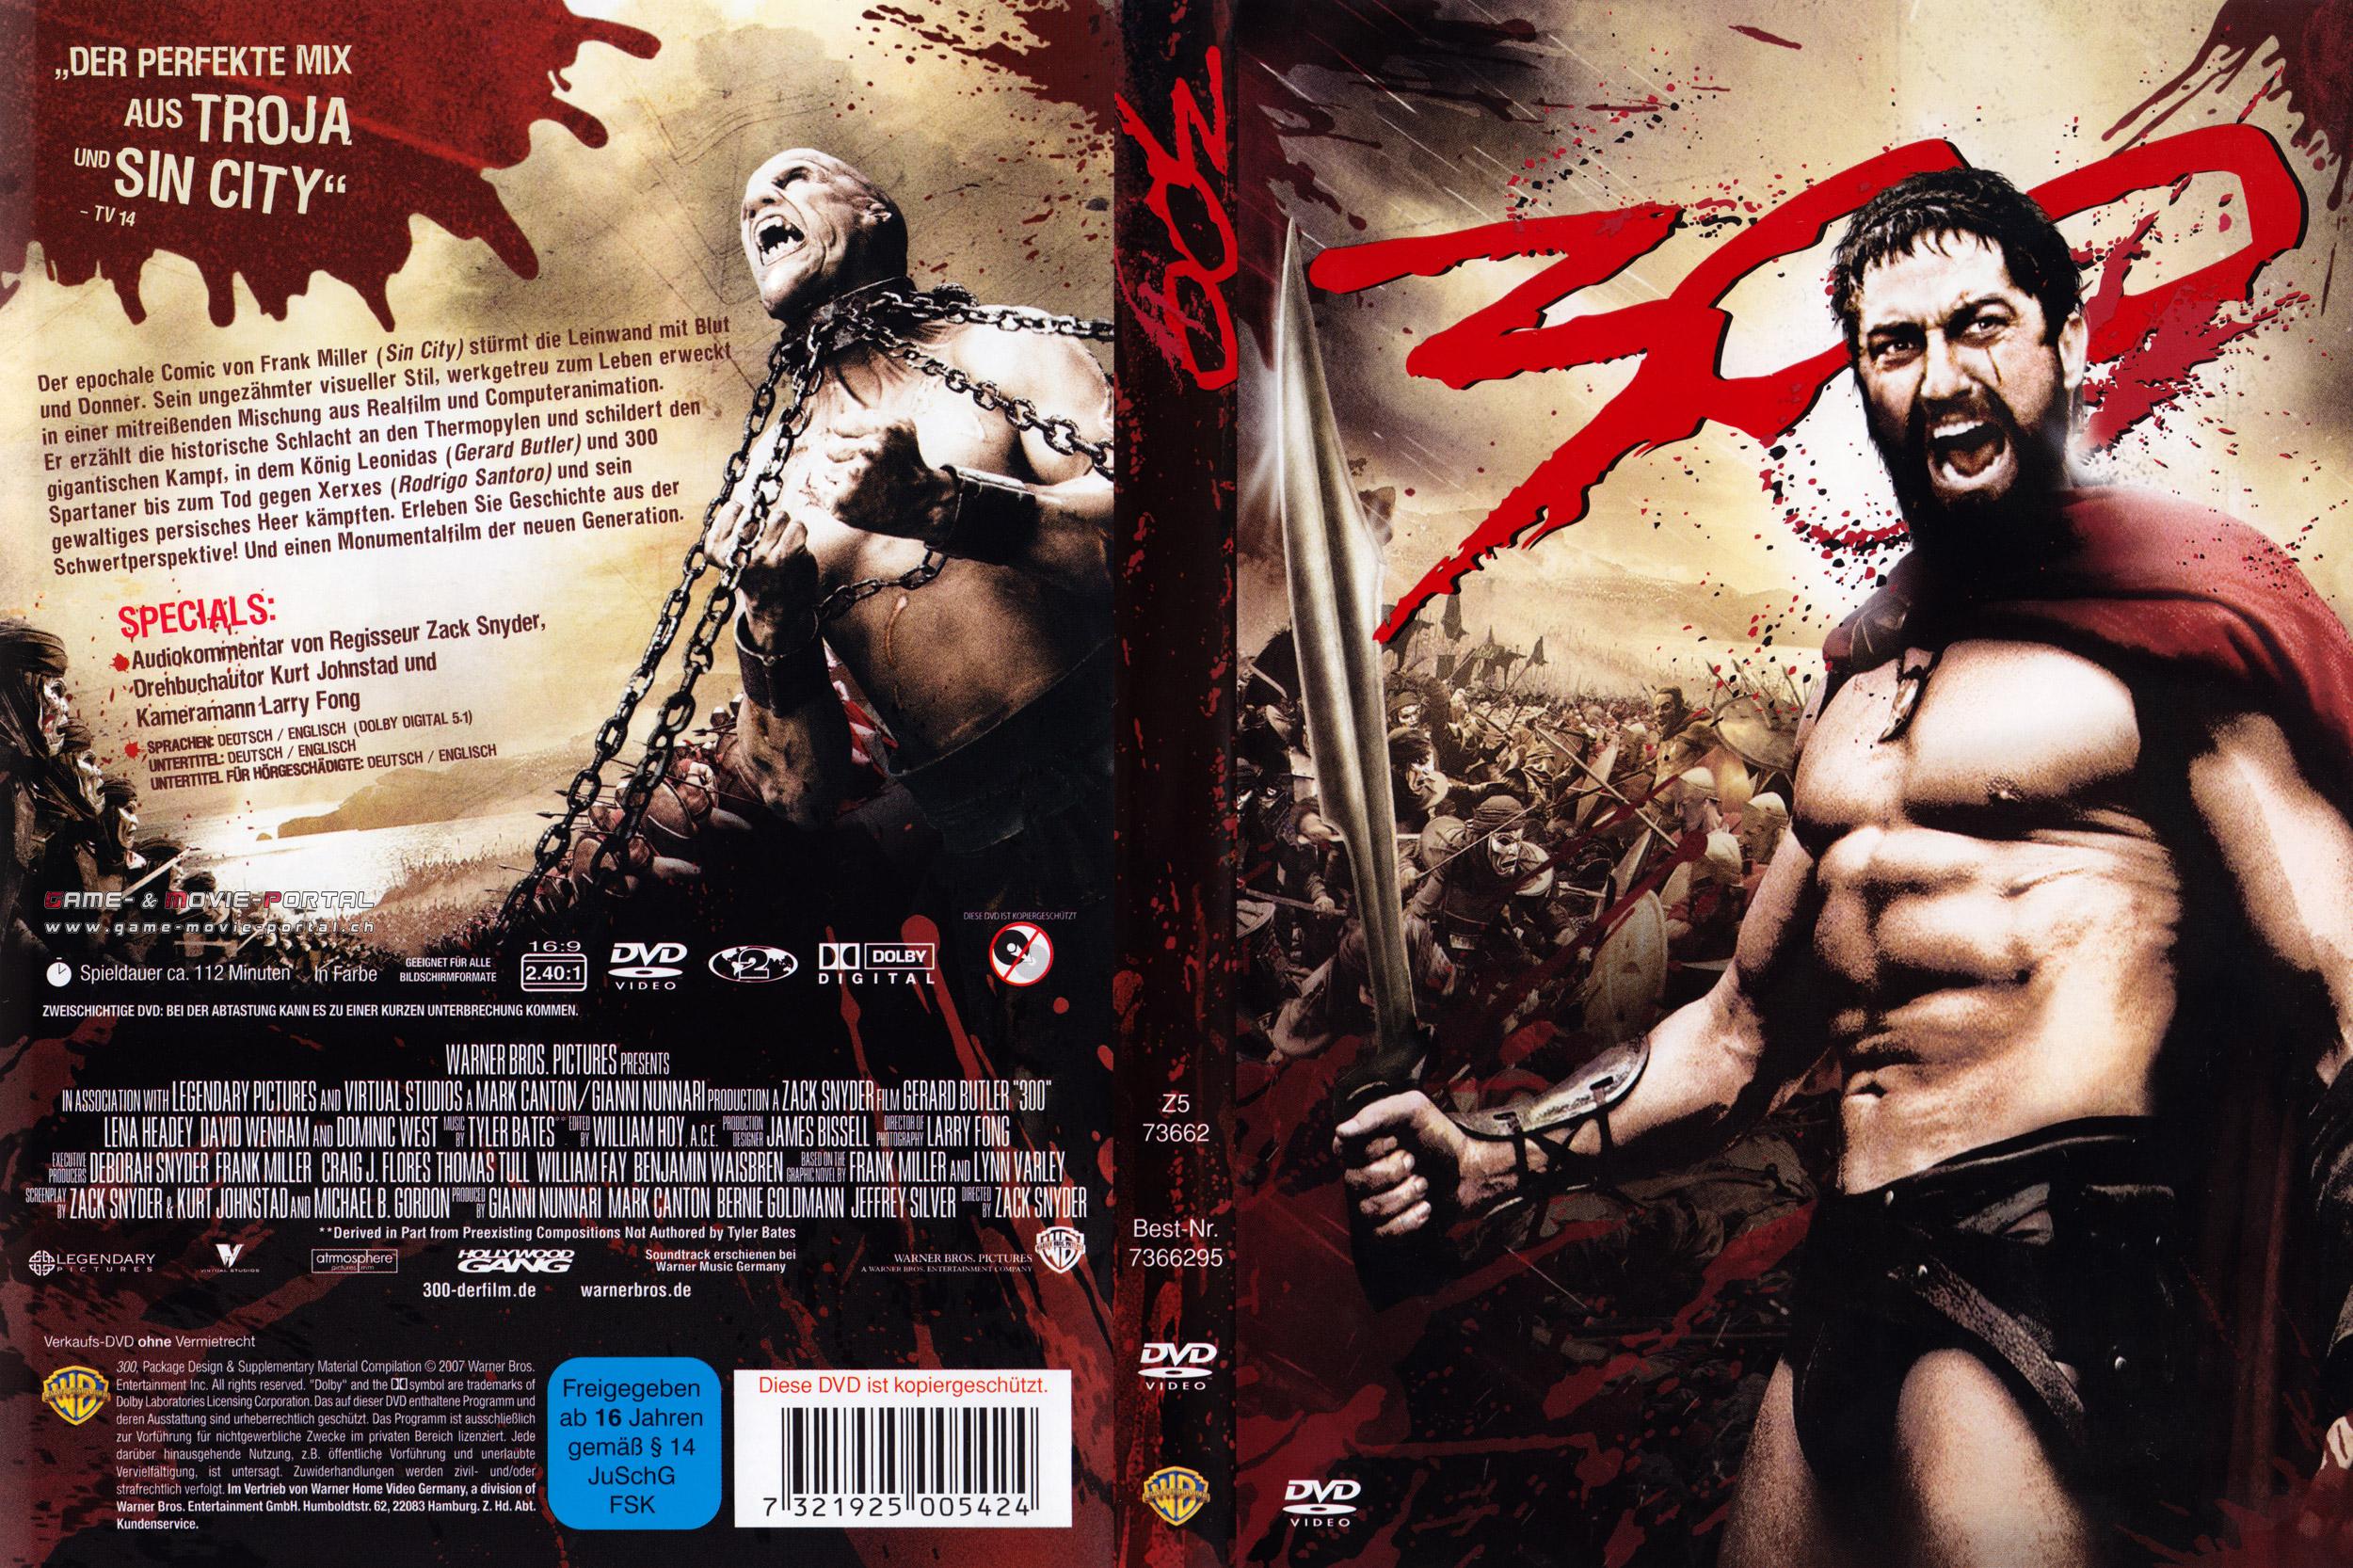 Movie cover sites